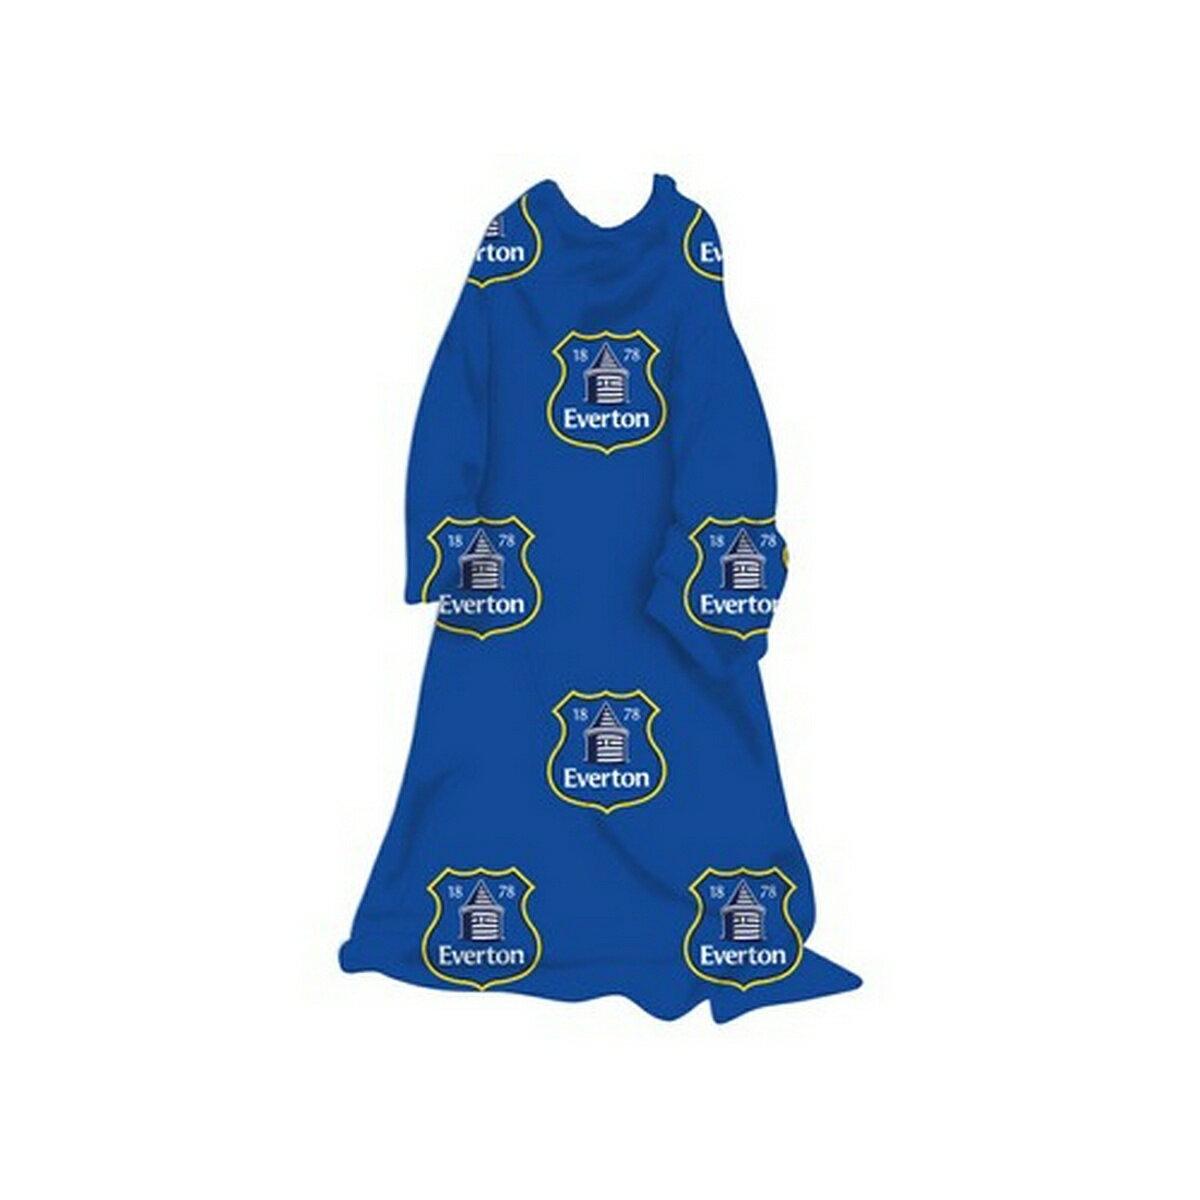 エバートン フットボールクラブ Everton FC オフィシャル商品 子供用 袖つき フリースブランケット 毛布 冬 【楽天海外直送】